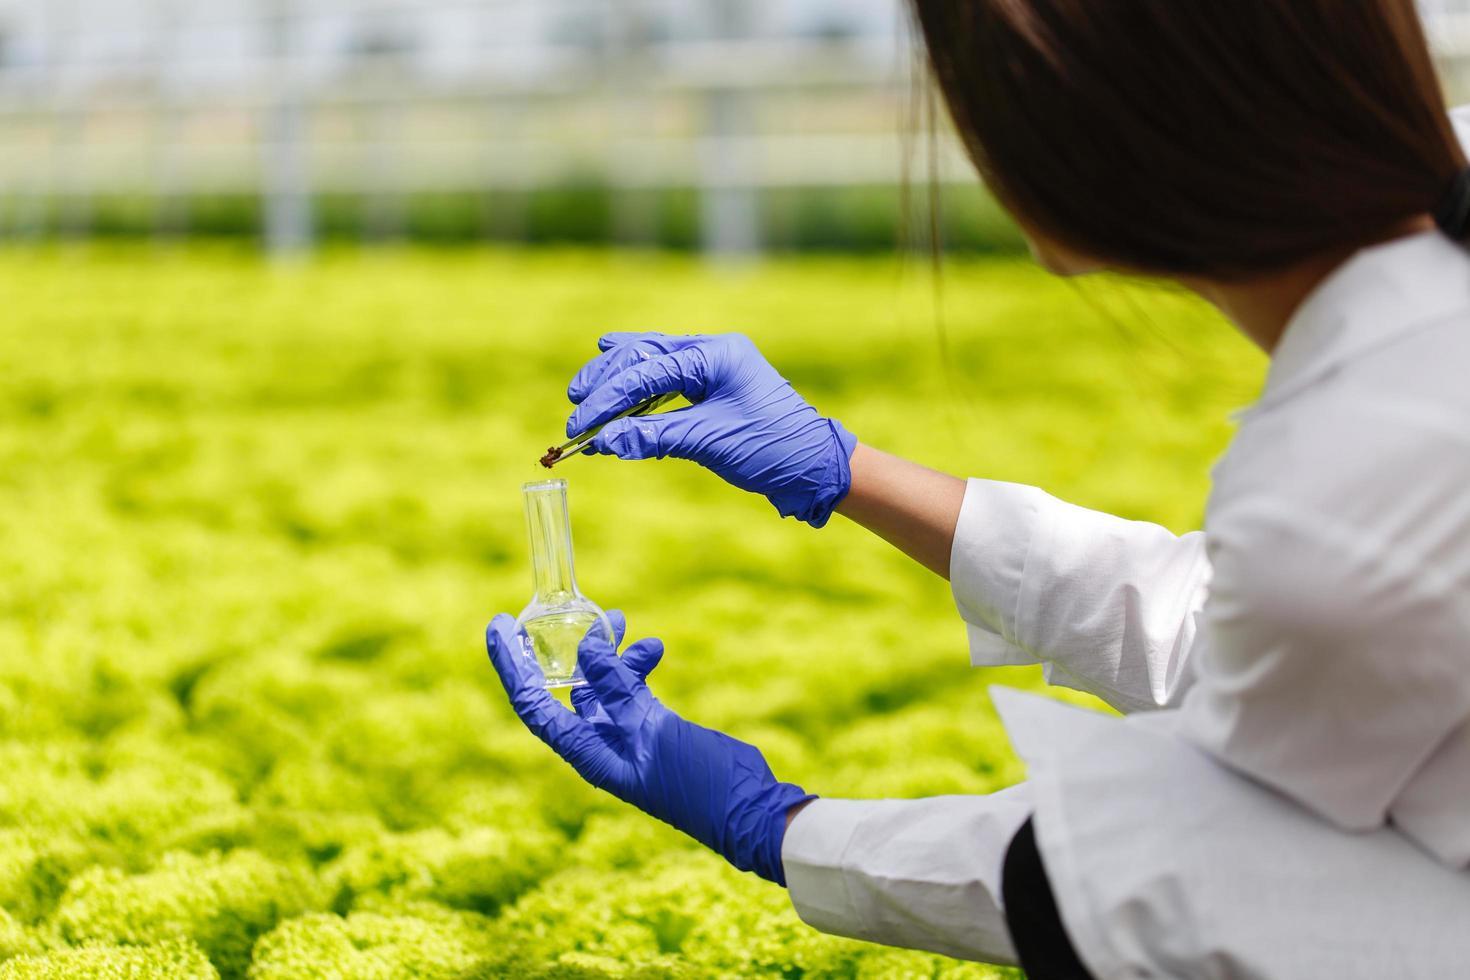 il ricercatore prende una sonda di vegetazione in un pallone a fondo tondo foto